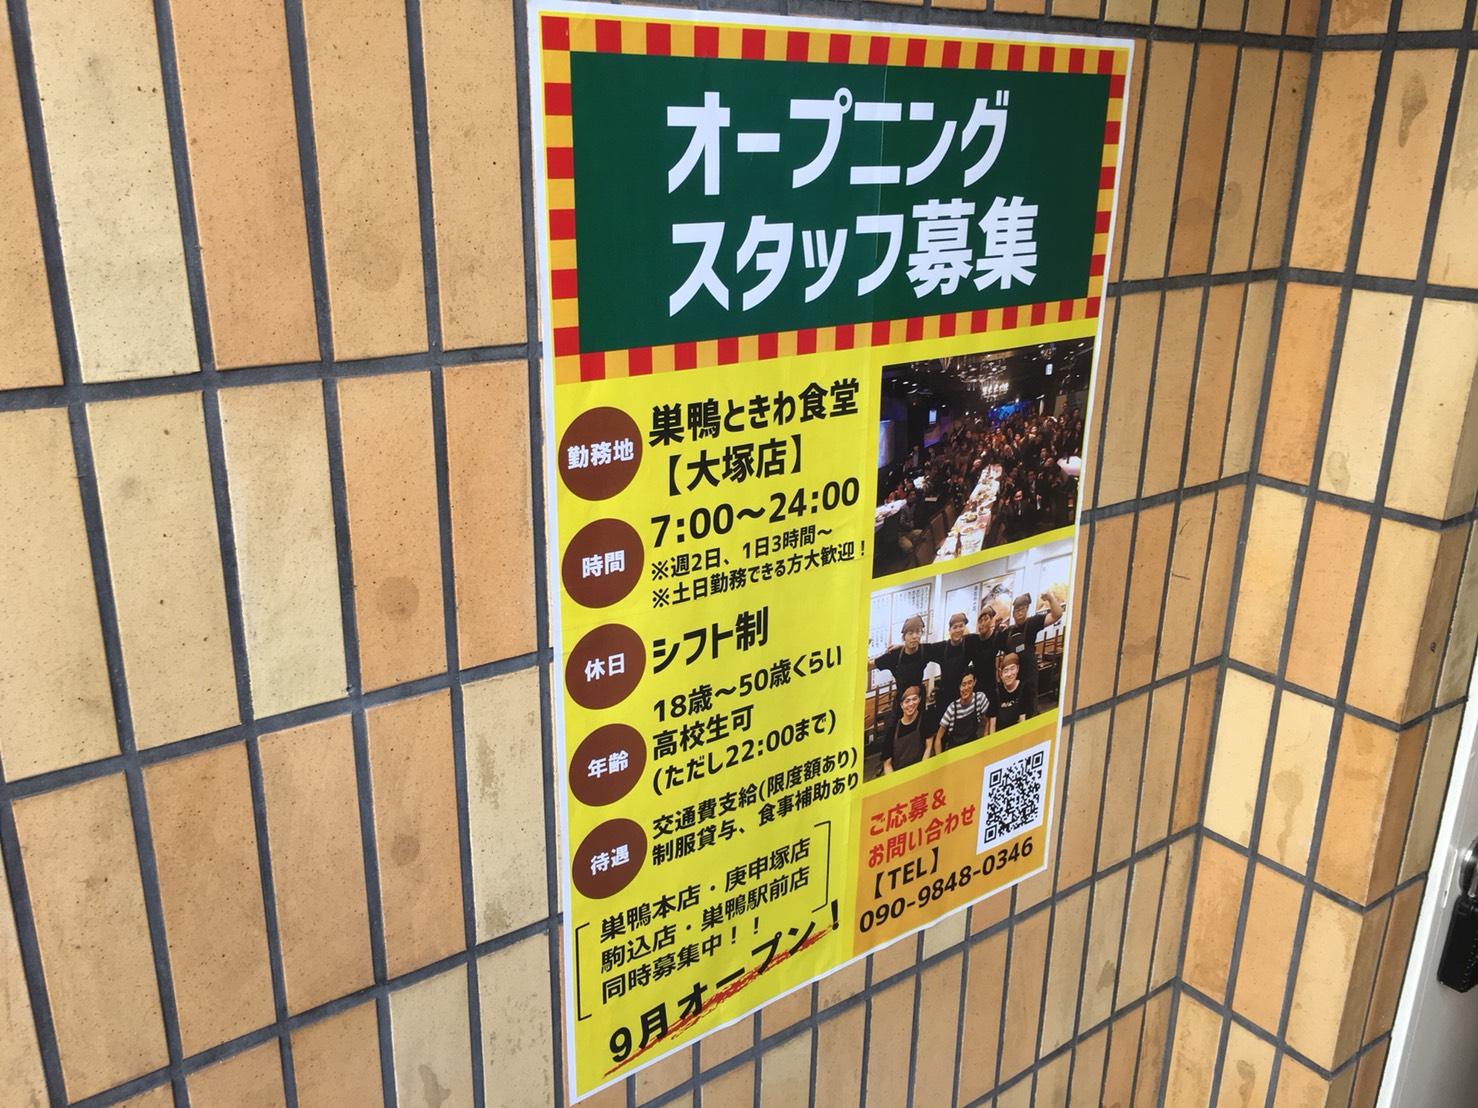 【大塚駅】大塚駅に、あの